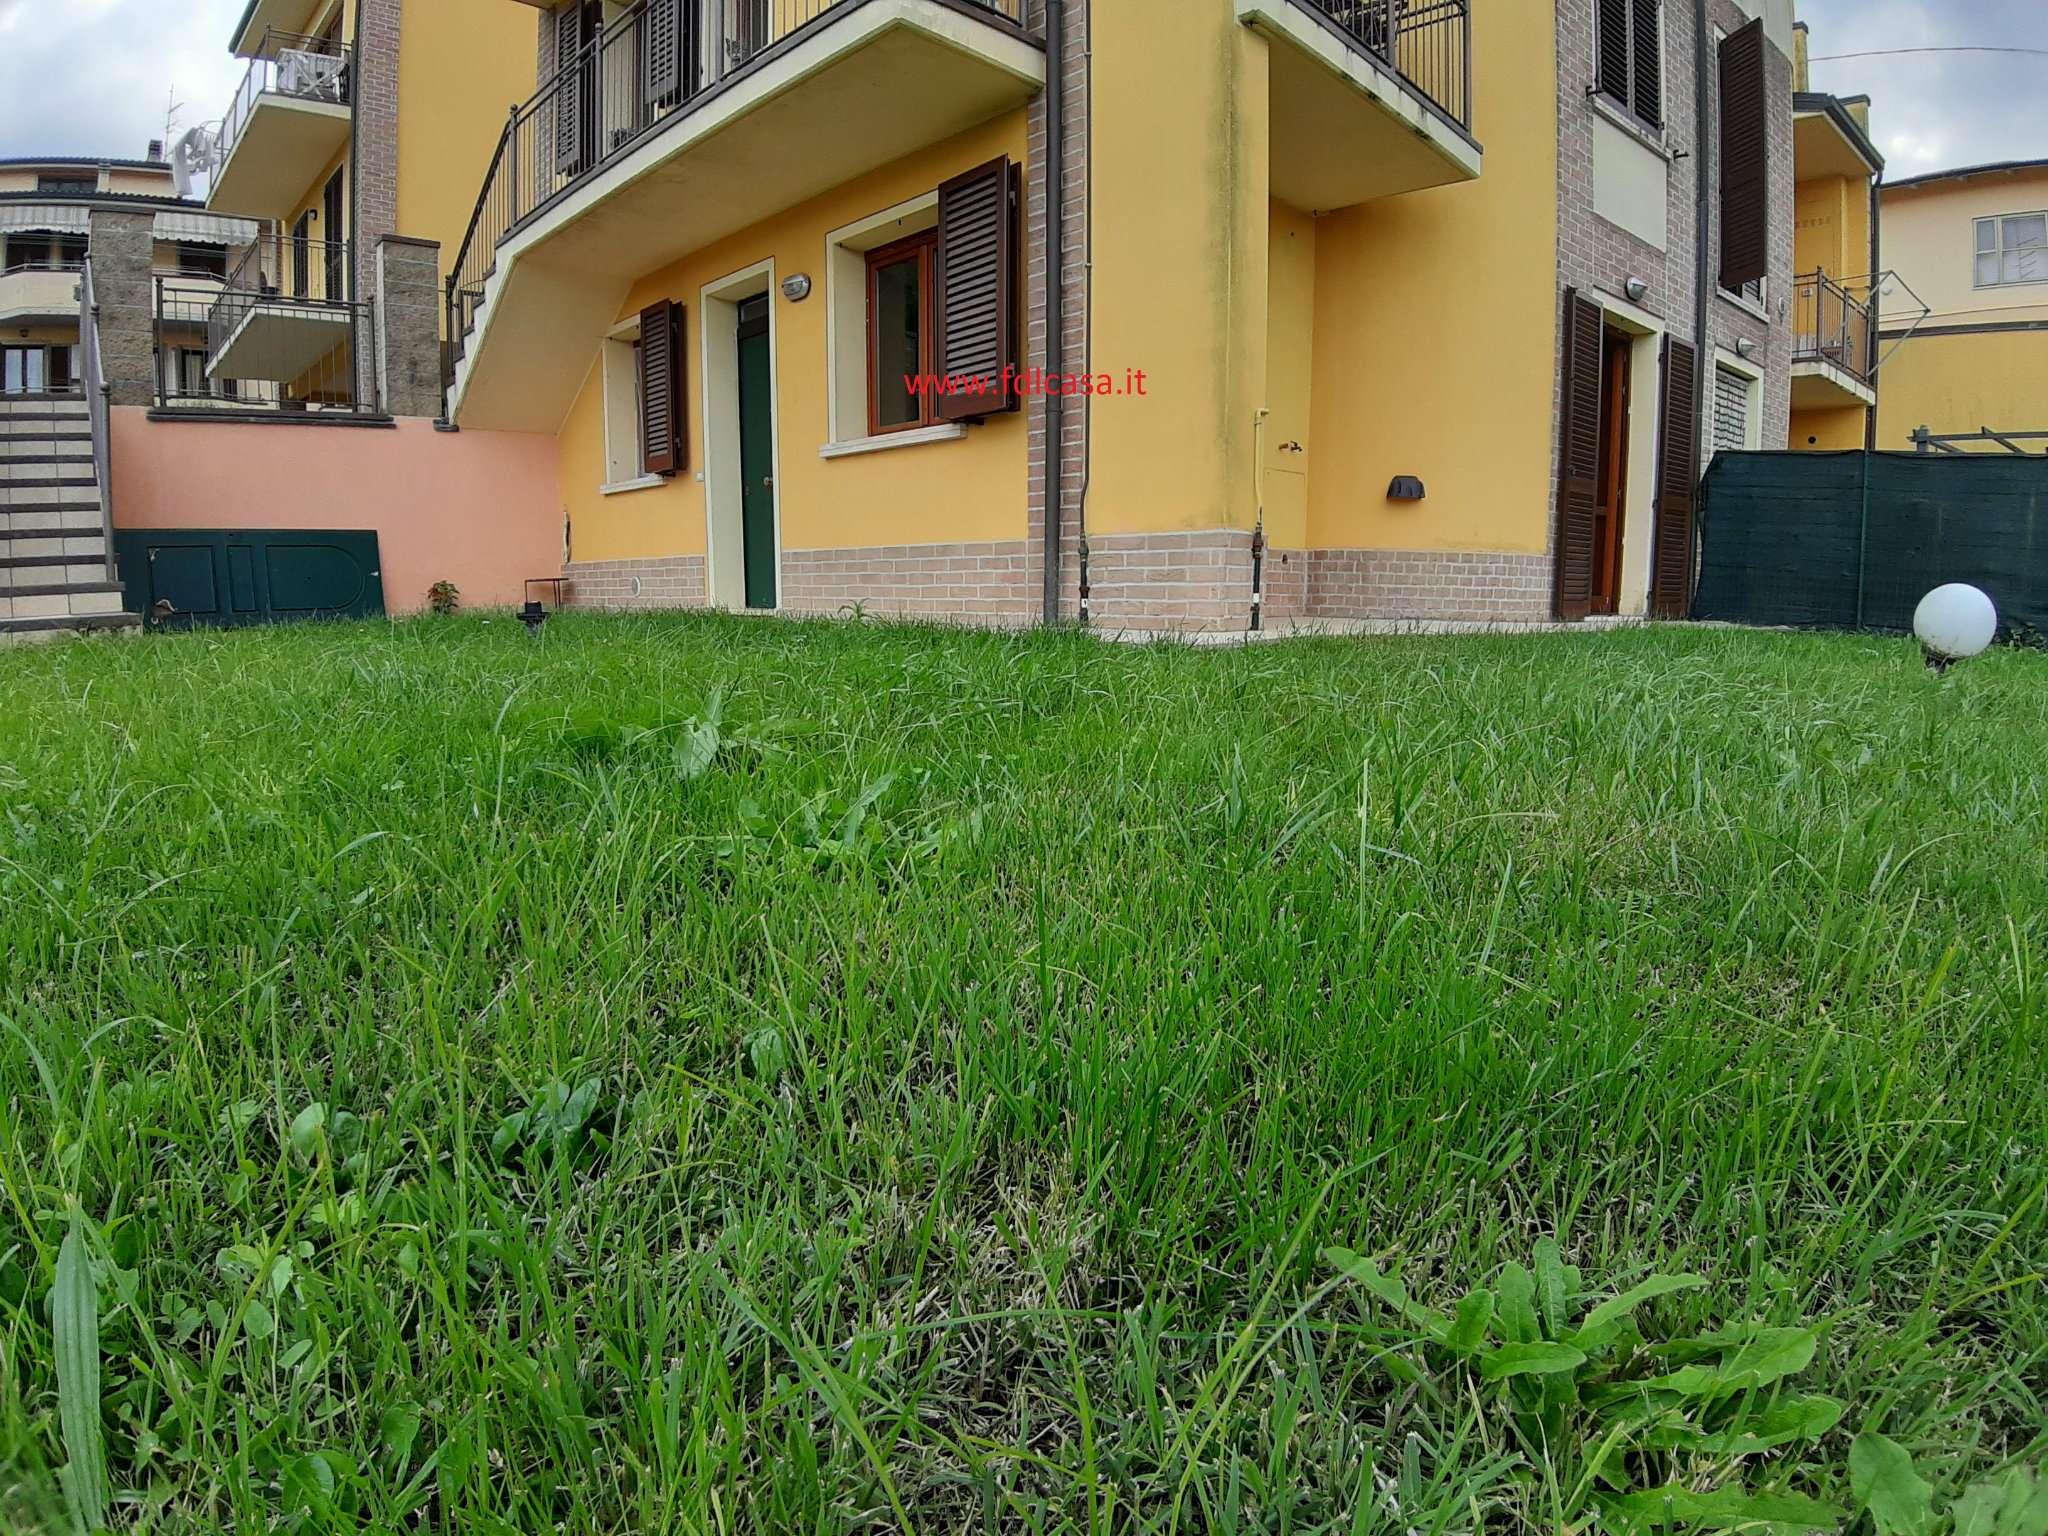 Appartamento in vendita a Montopoli in Val d'Arno, 2 locali, prezzo € 90.000 | PortaleAgenzieImmobiliari.it